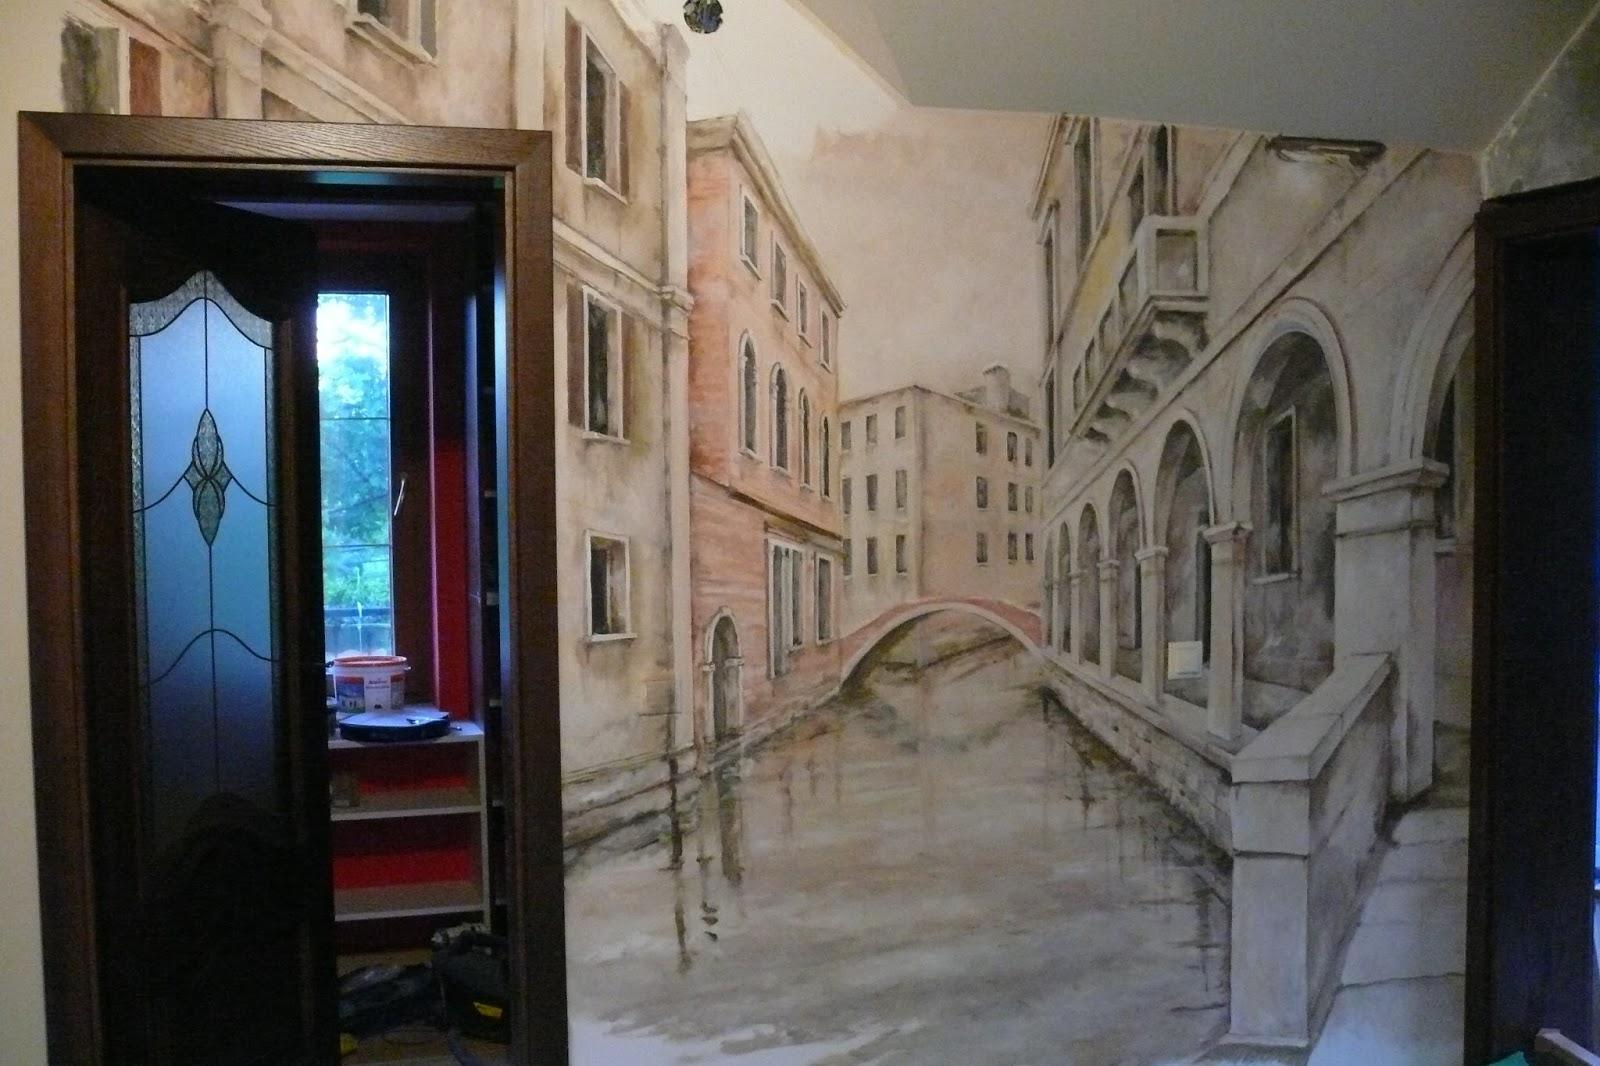 Artystyczne Malowanie ściany Mural Malowanie Obrazów Na ścianie